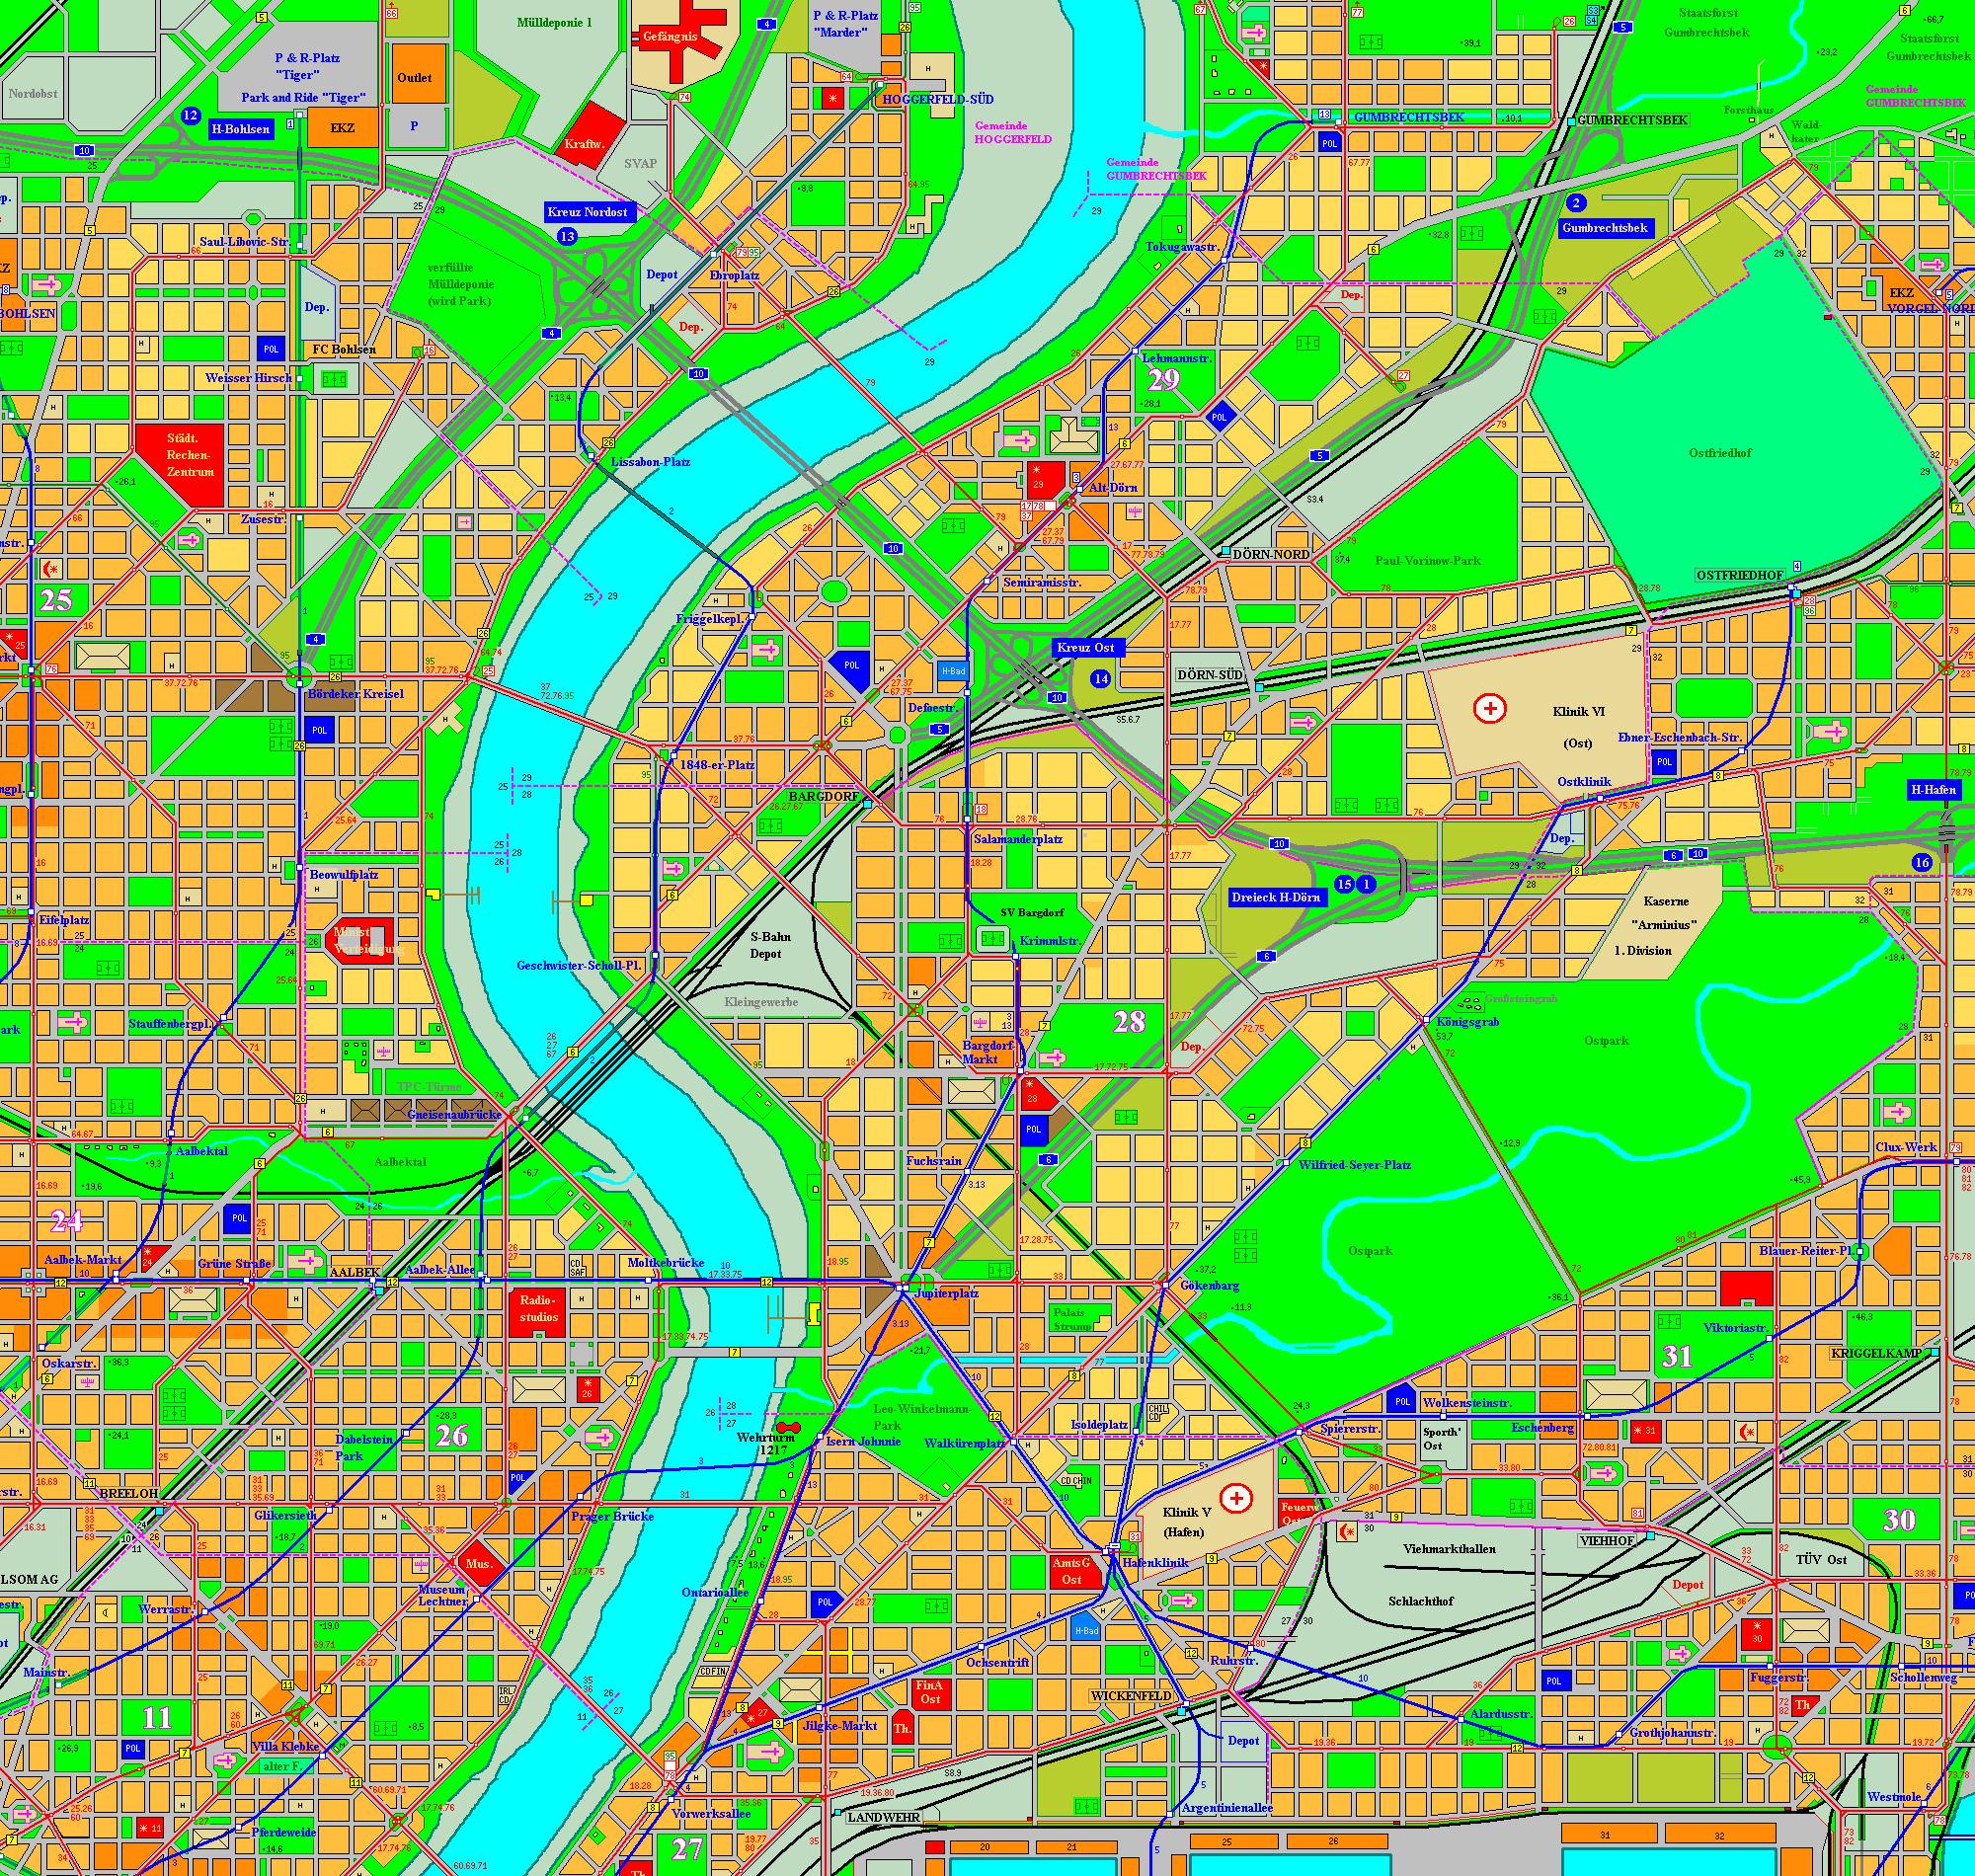 Holstenhafen map, part 6